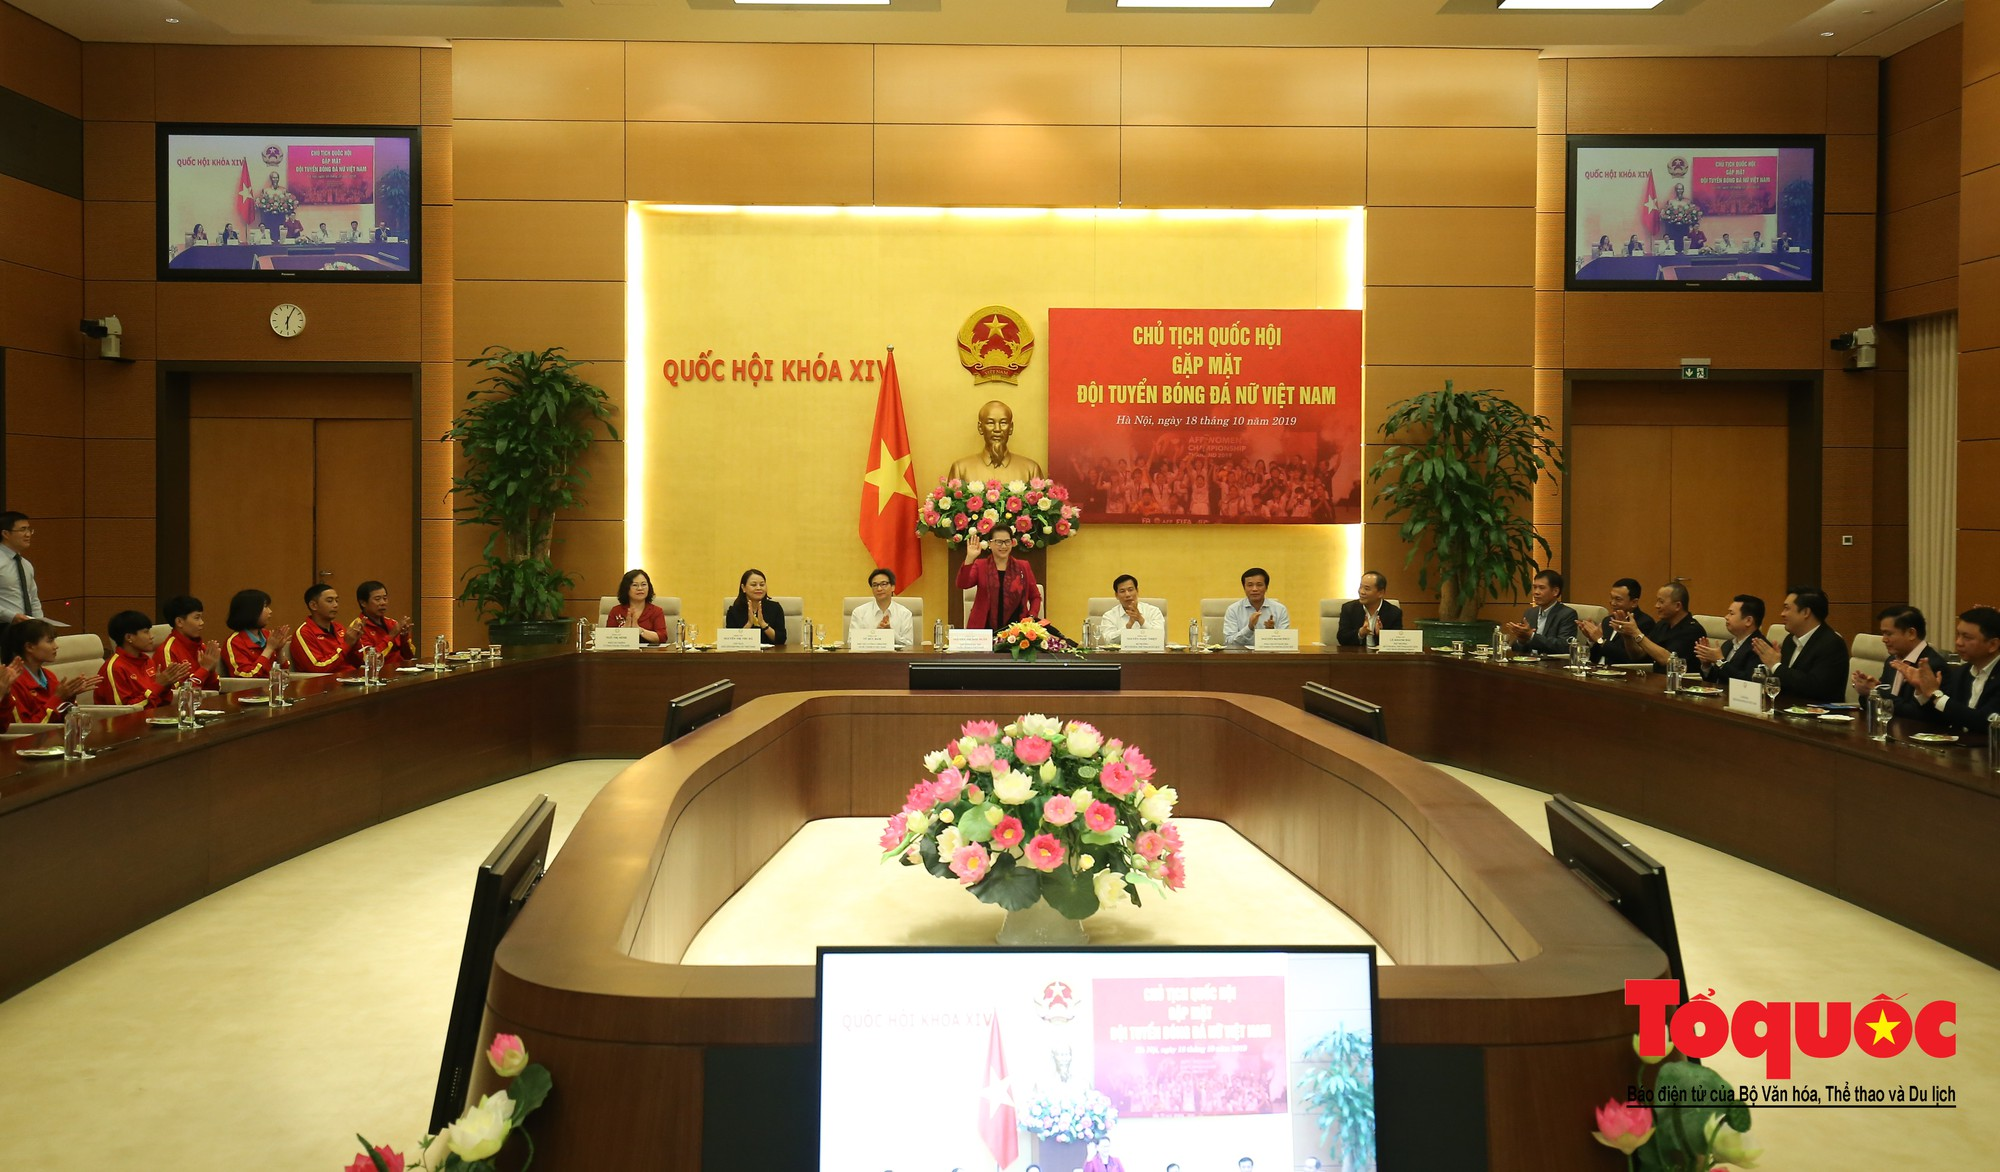 Chủ tịch Quốc hội Nguyễn Thị Kim Ngân: Bóng đá nam nhìn thành tích bóng đá nữ còn phải mơ ước dài4